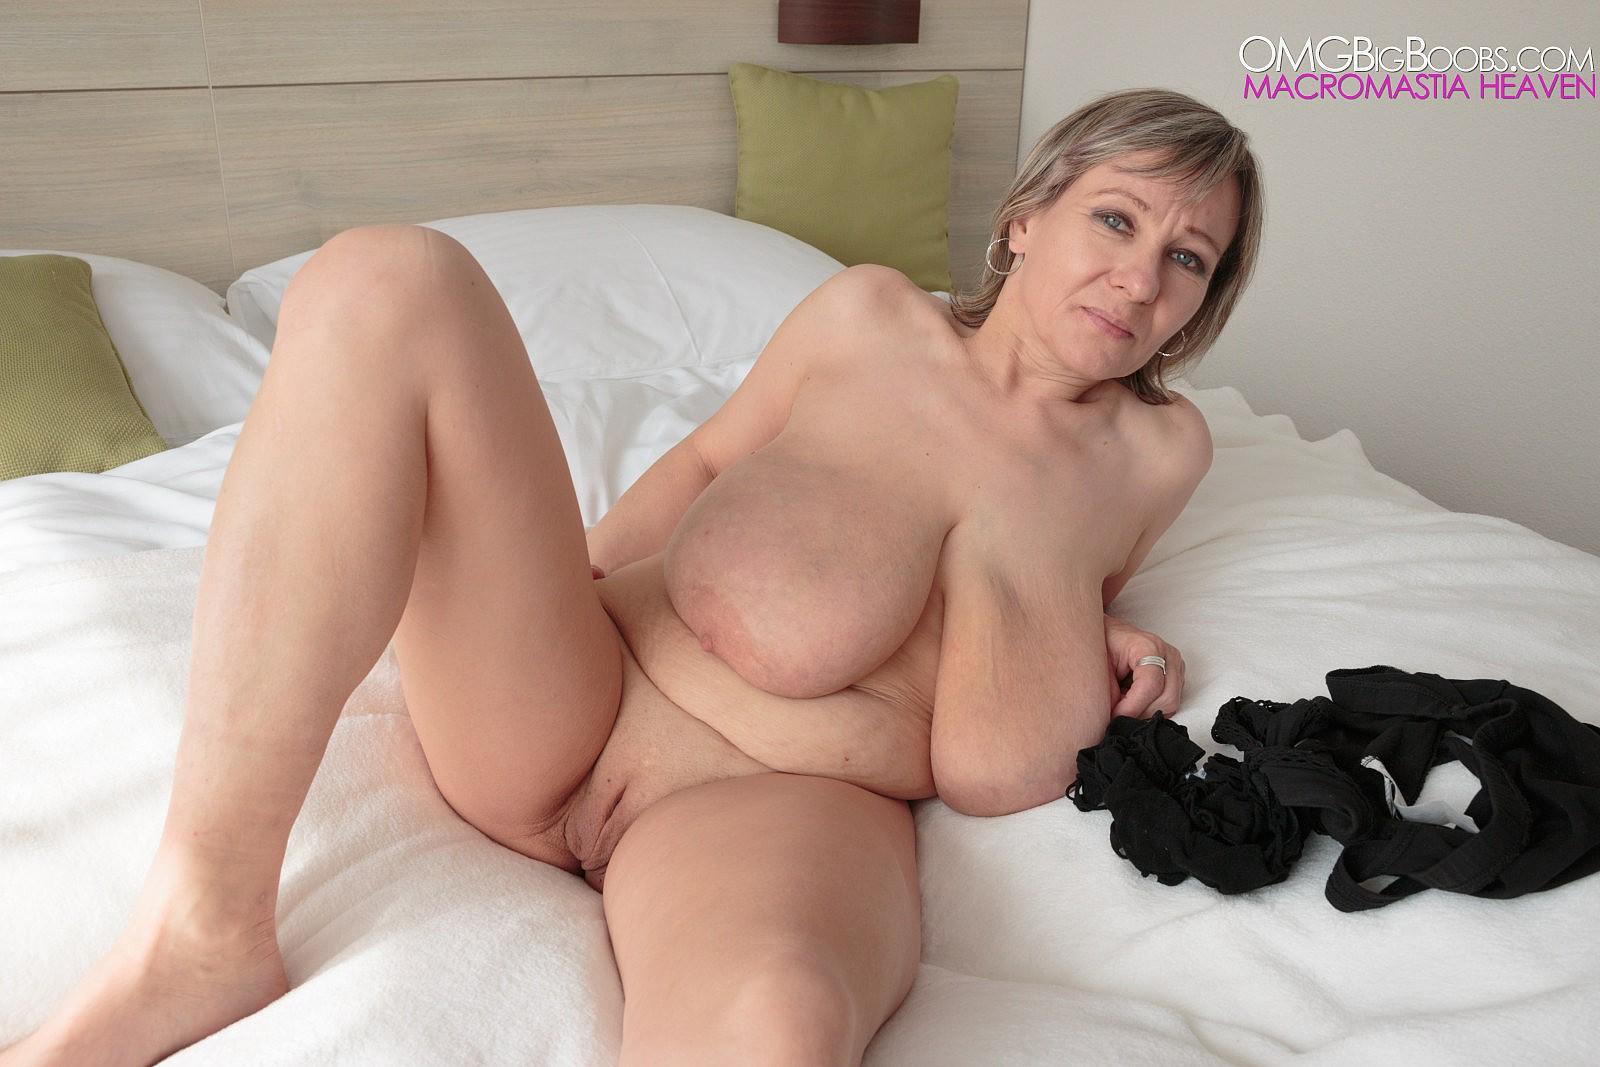 naked boobs tumblr